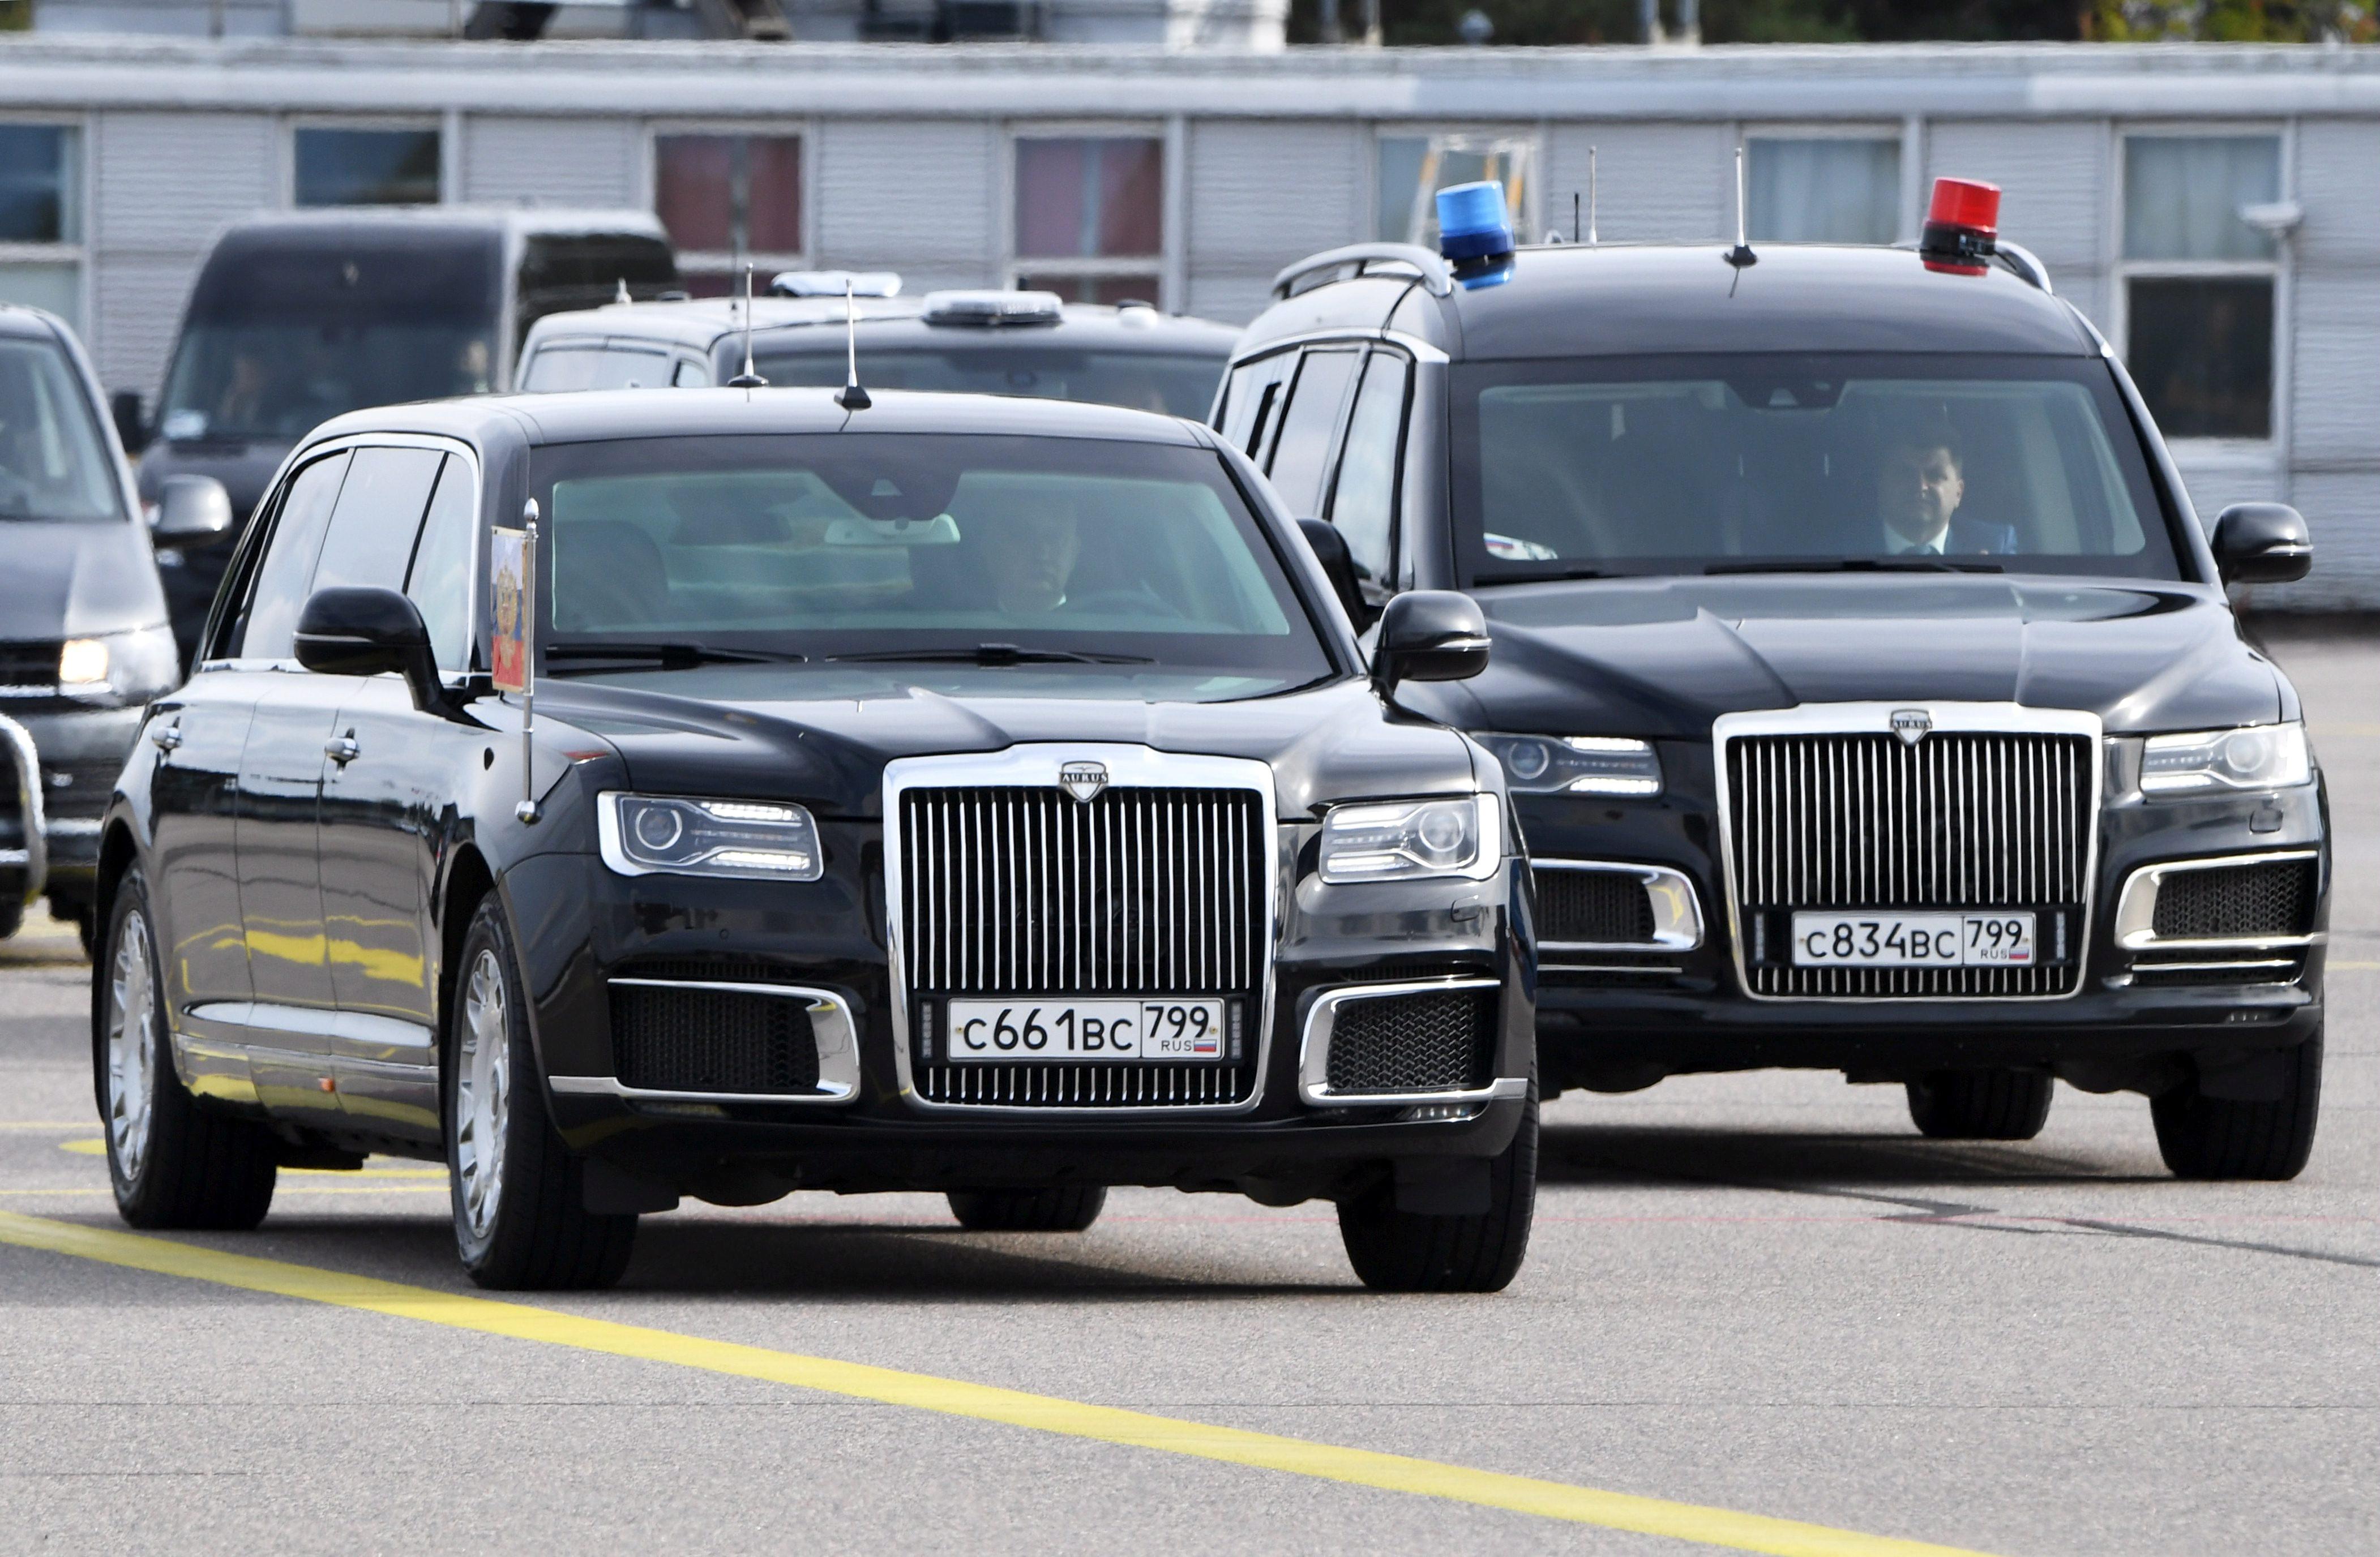 Rusia a inceput sa vanda limuzine similare cu cele utilizate de Vladimir Putin